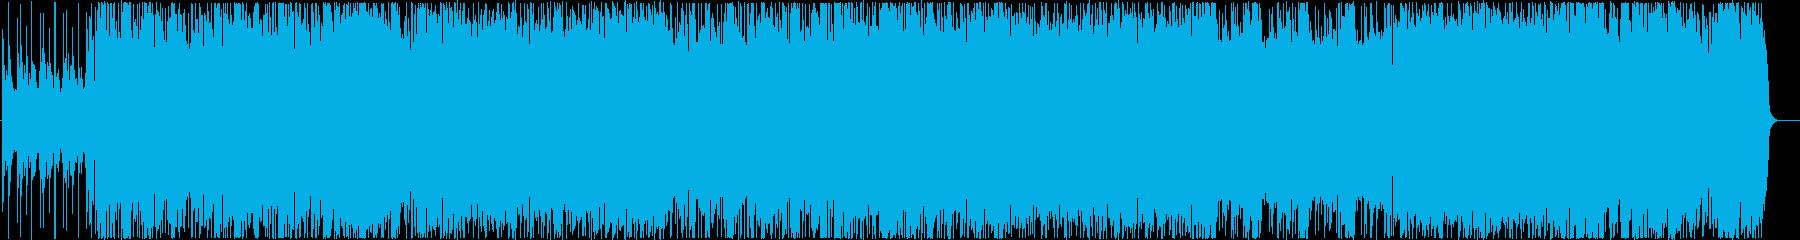 疾走感のある青春シューゲーザーポップの再生済みの波形